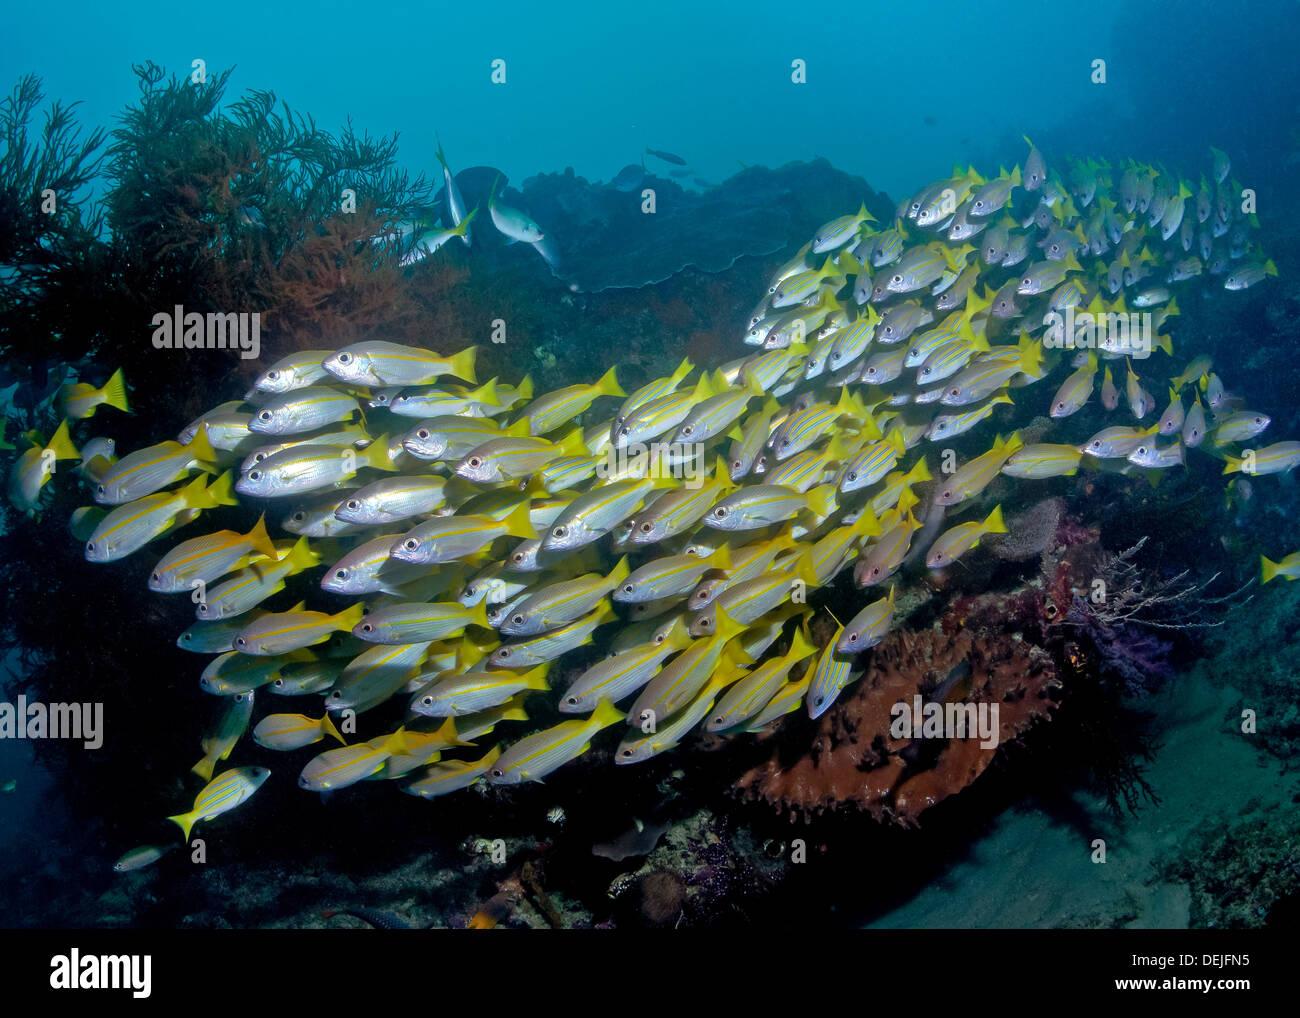 Eine Schule von gelb-Tail und blau gestreifte Snapper nachgestellte durch Korallenriff in Raja Ampat, Indonesien. Stockbild